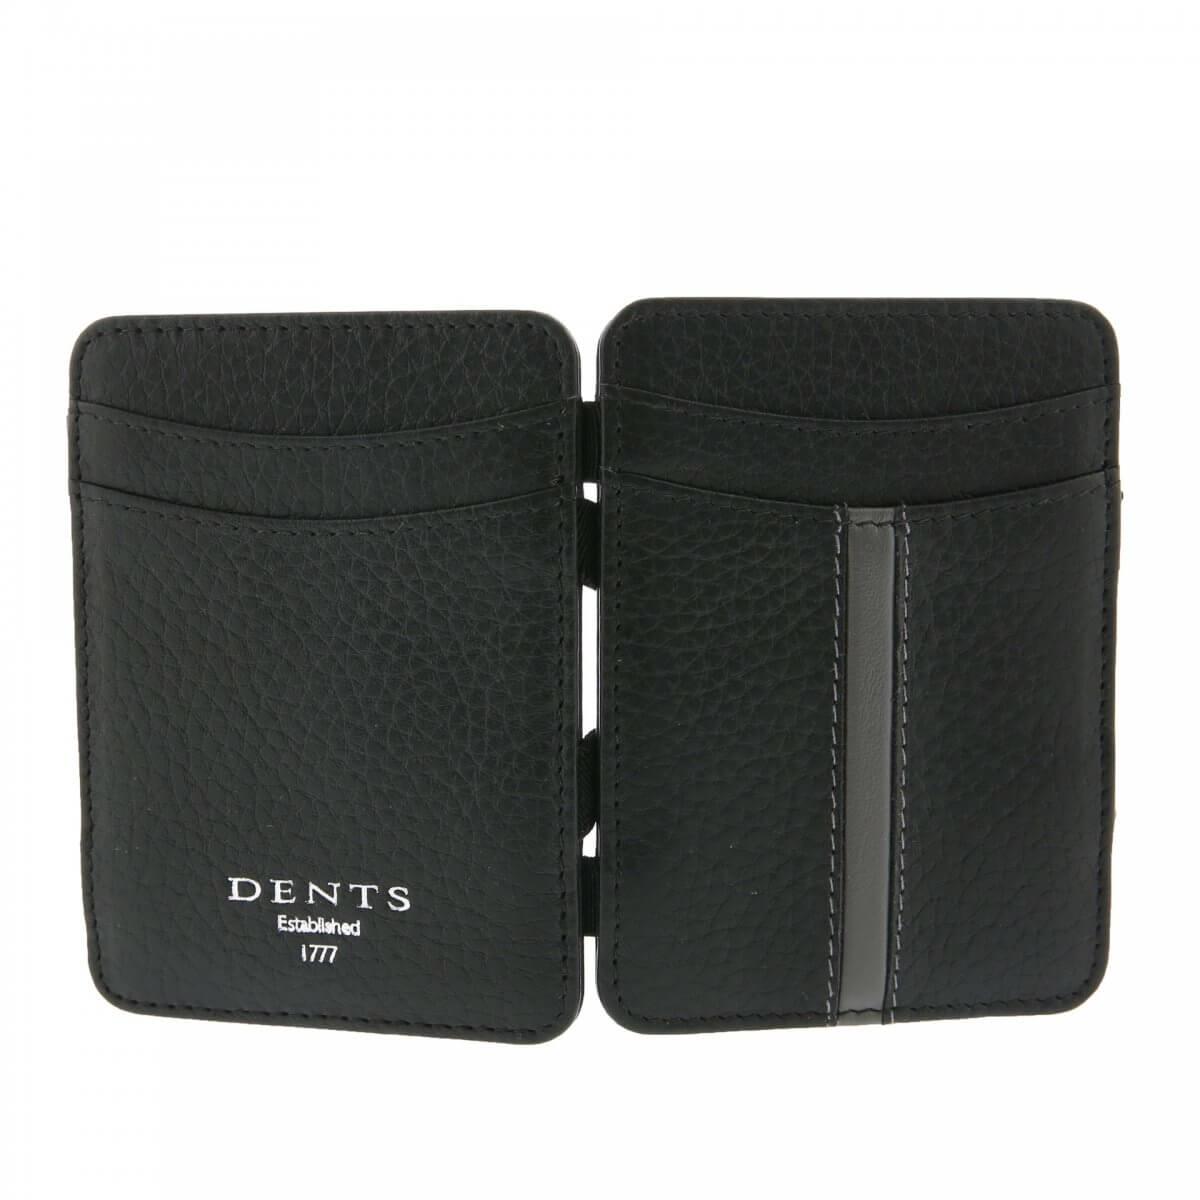 Dents Leather Cardholder